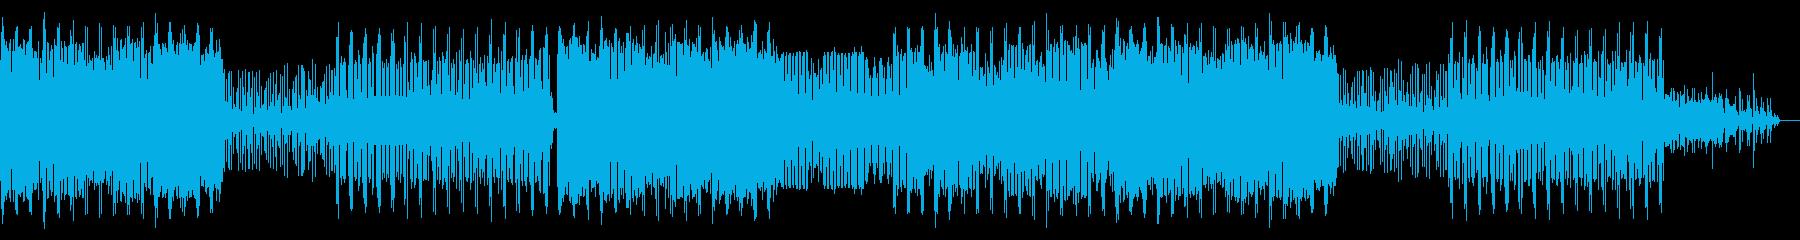 電子楽器。気紛れ、速いペース、多忙...の再生済みの波形